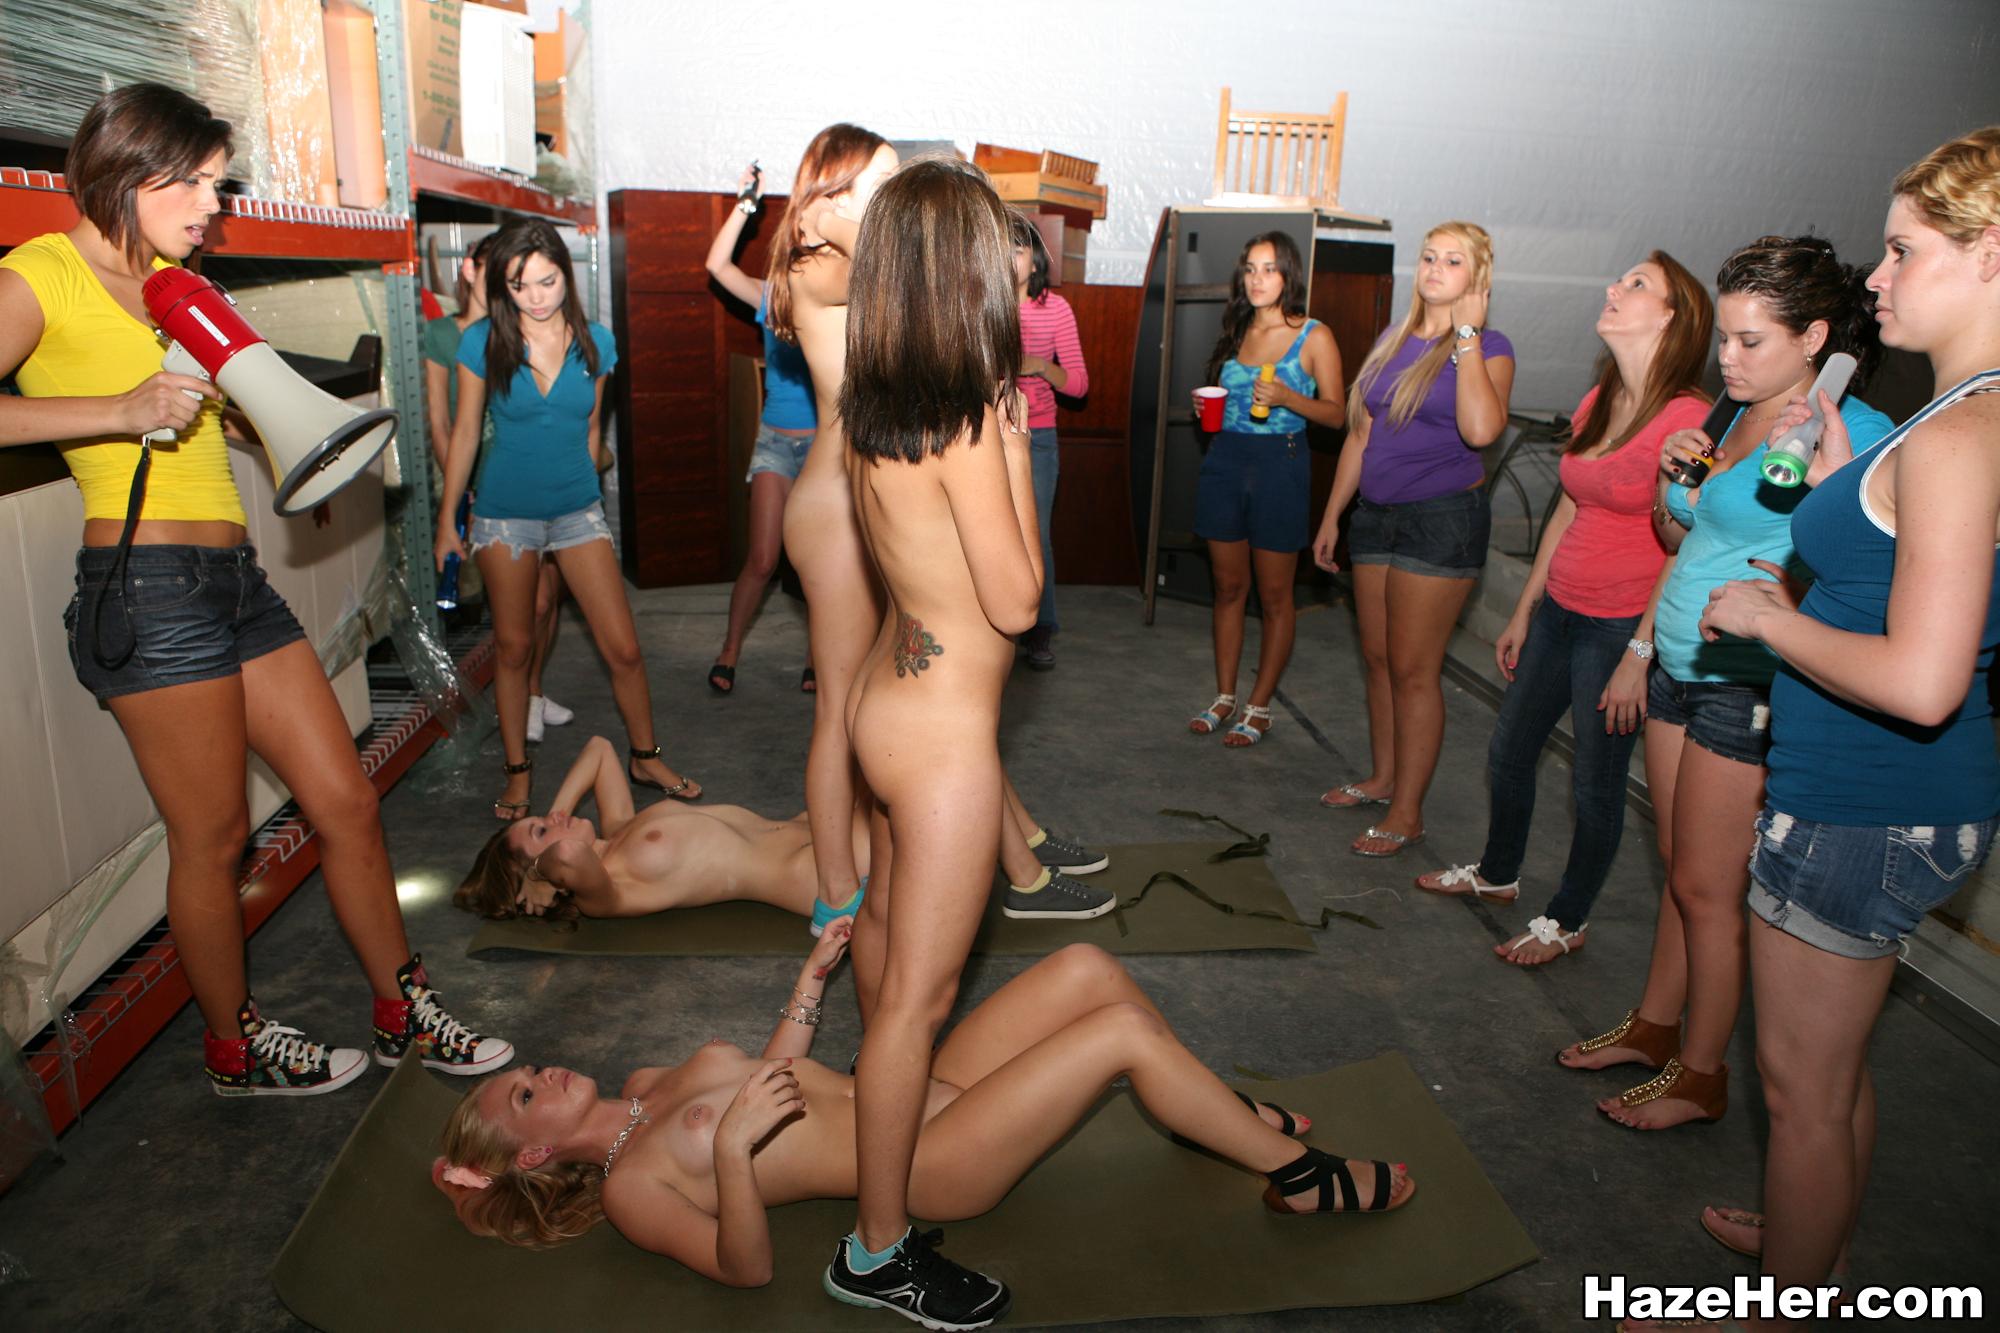 Girls nude sized fun